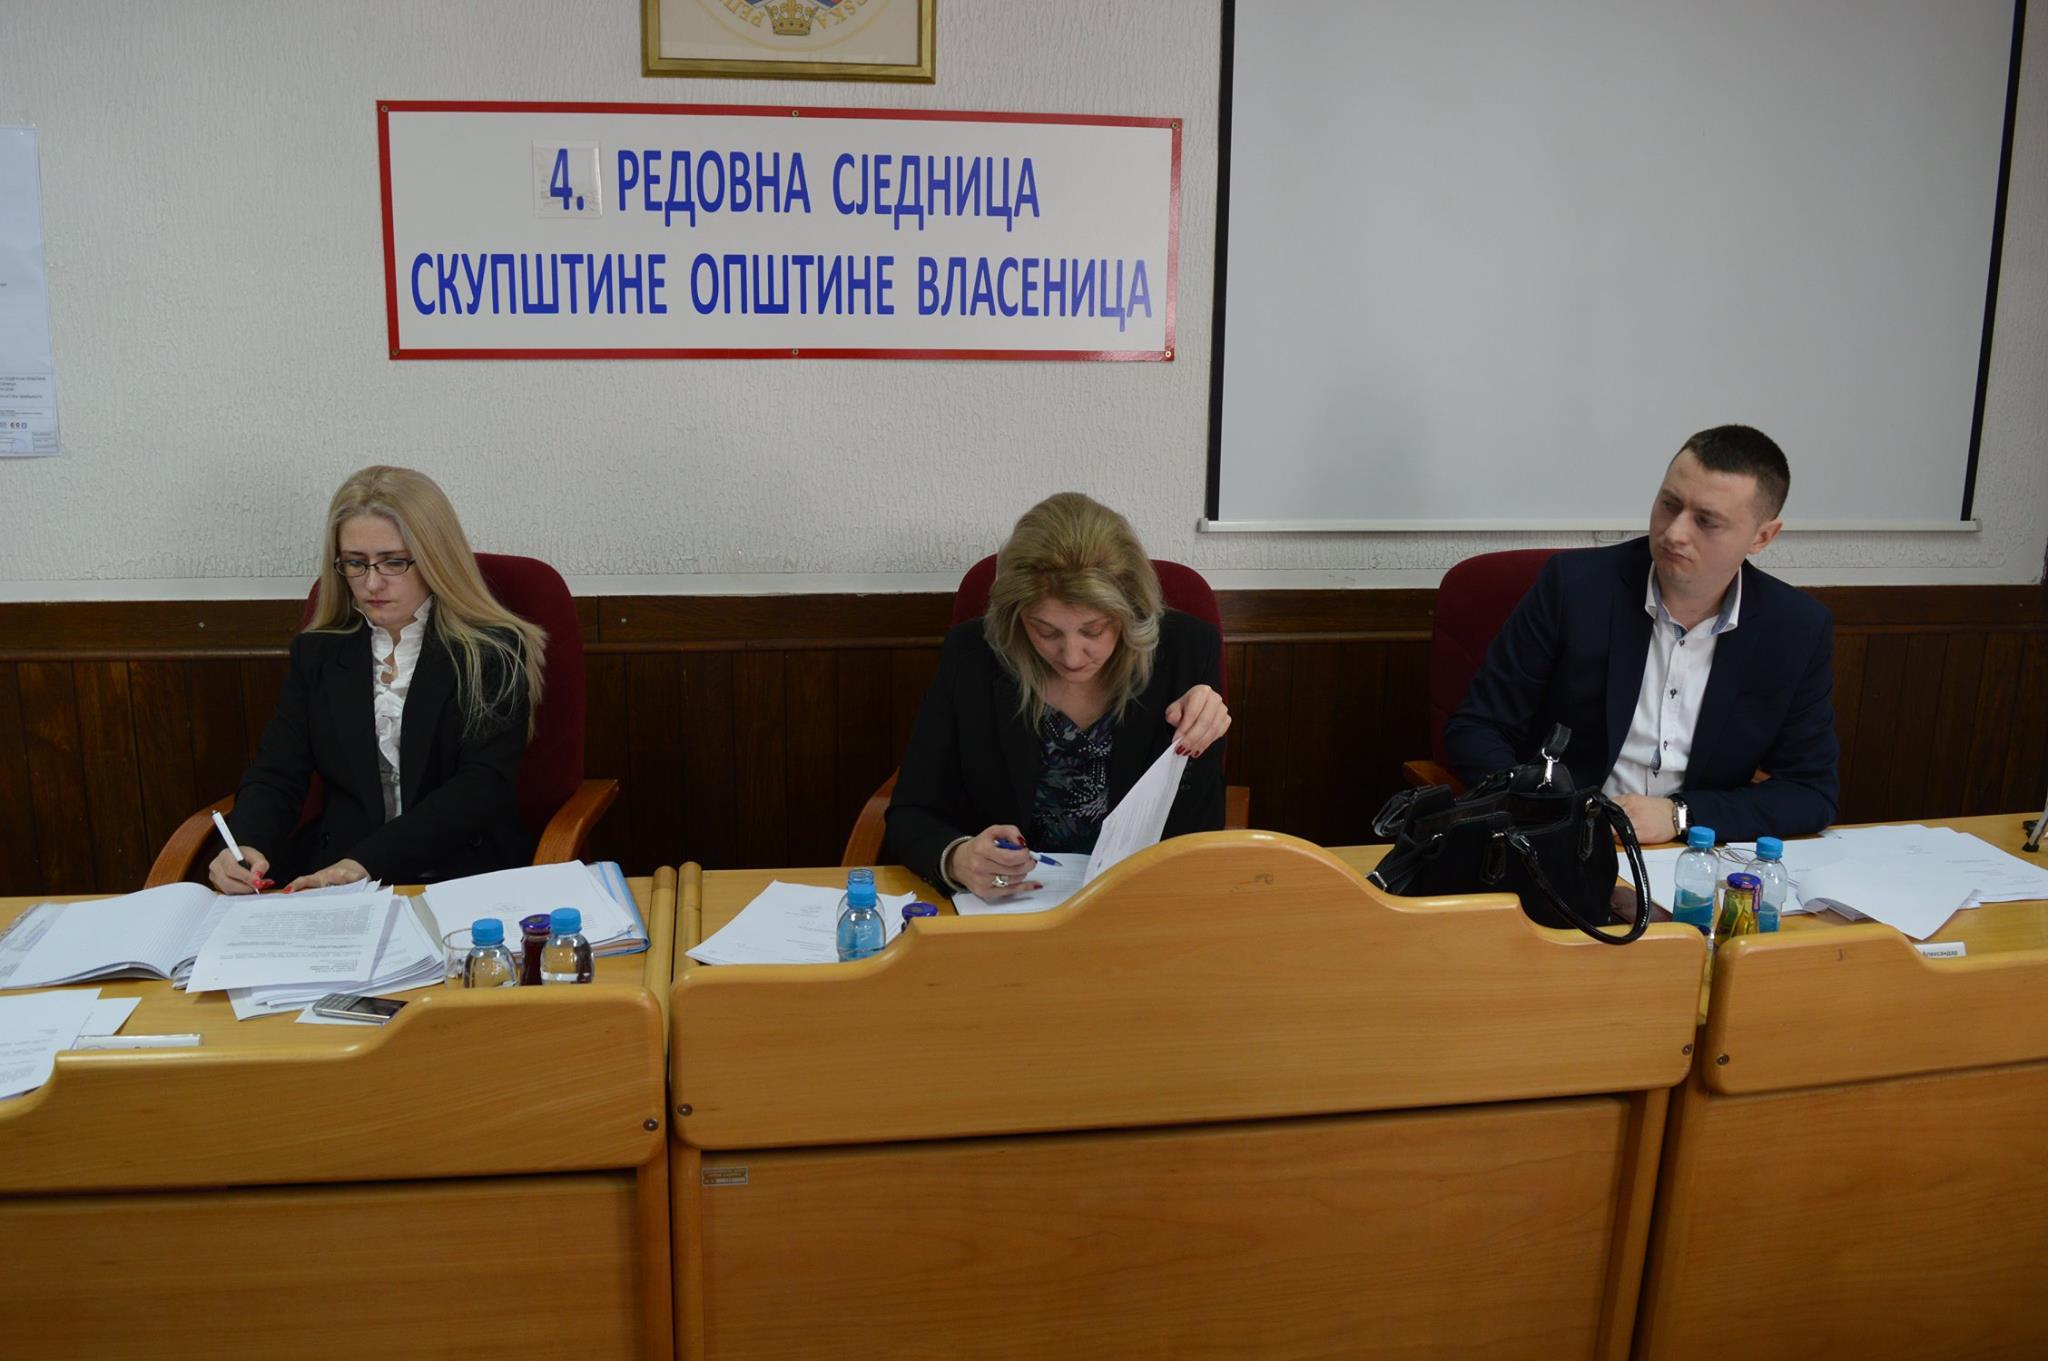 iv_sjednica_sovlasenica1